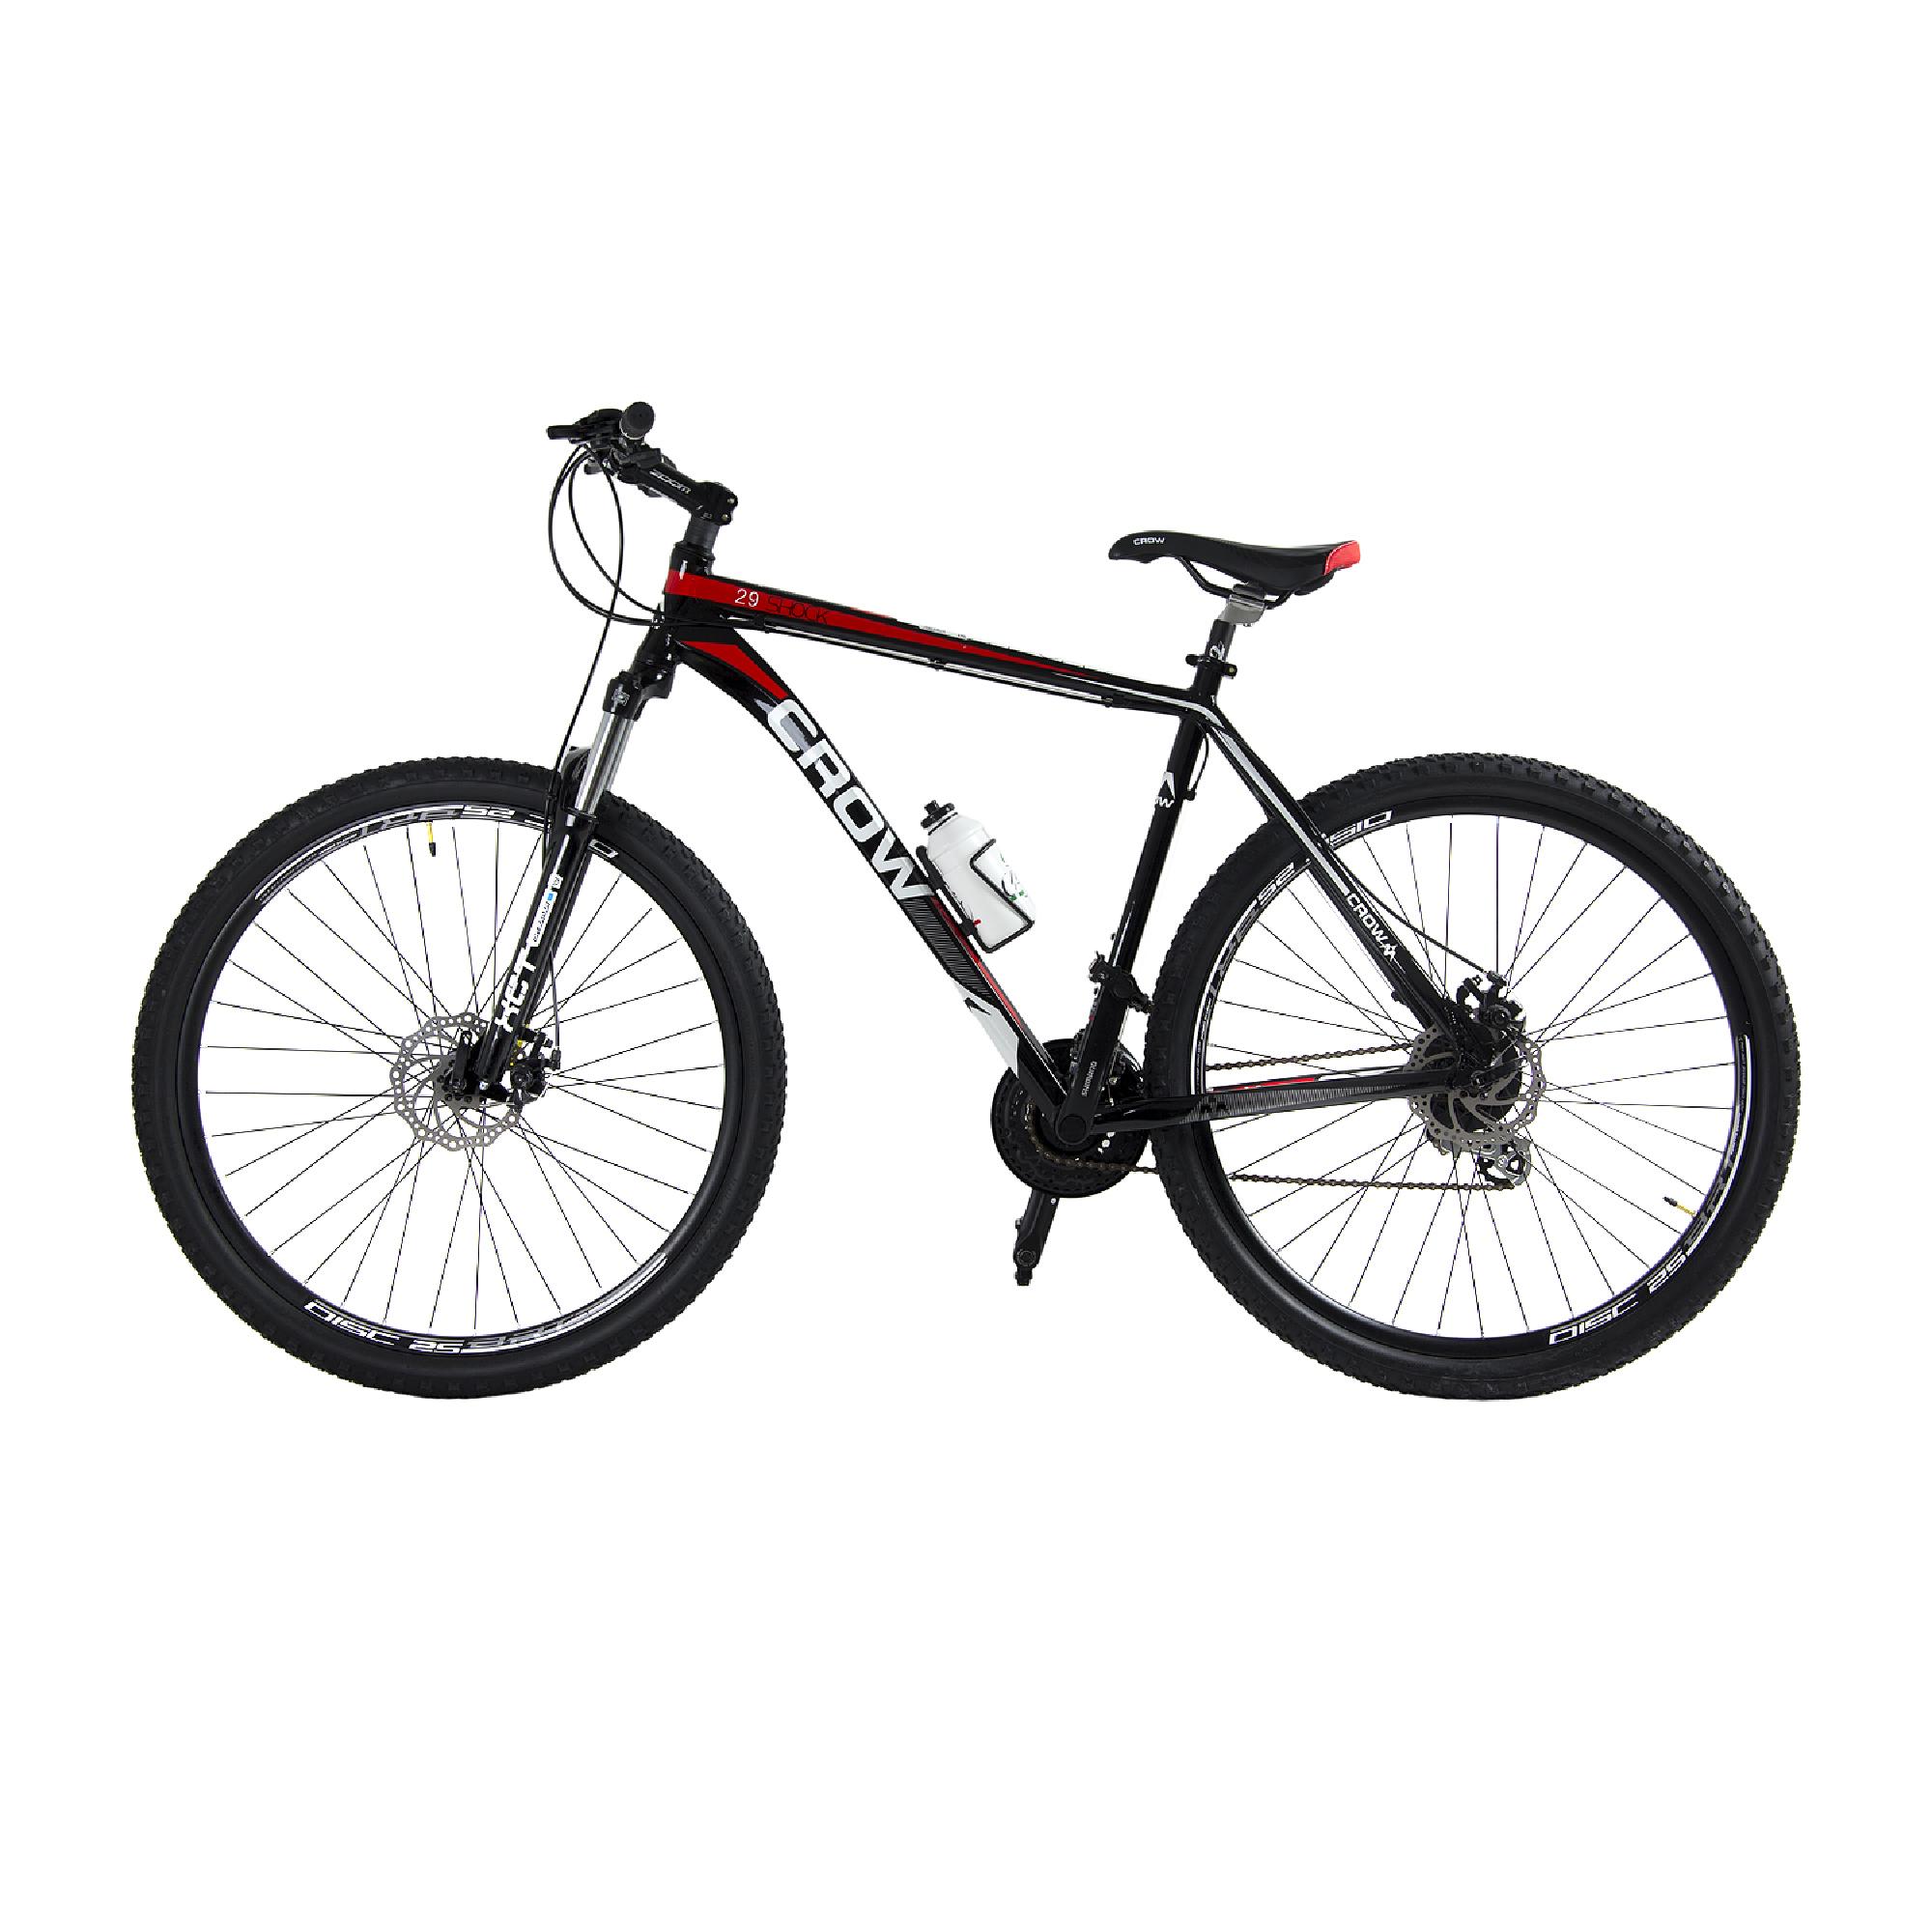 Купить Велосипед Casadei Crow Altus 29 дюймов, Италия